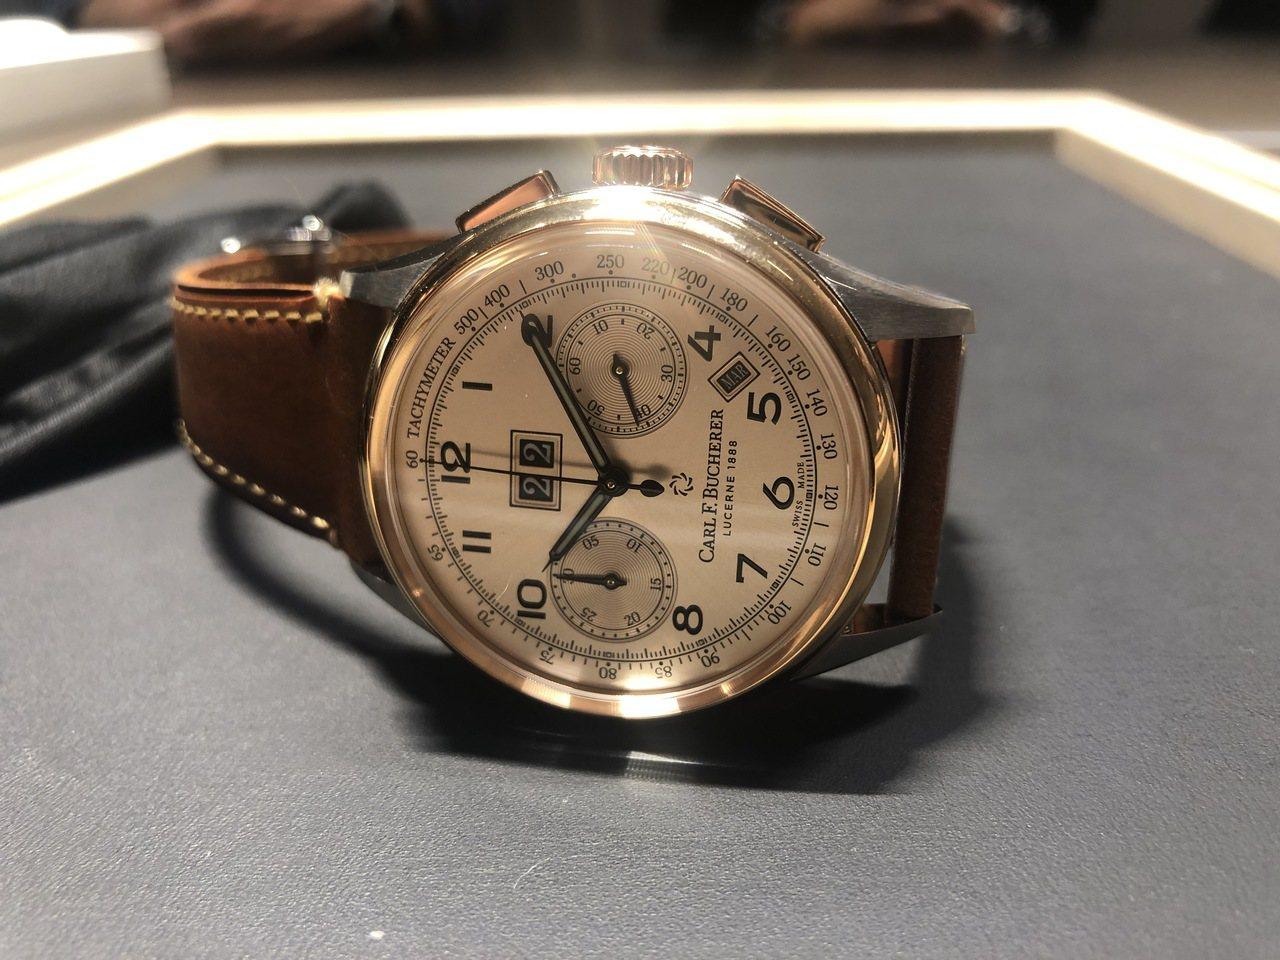 寶齊萊傳承系列年曆雙盤計時碼表精鋼及玫瑰金款,35萬5,000元。記者孫曼/攝影